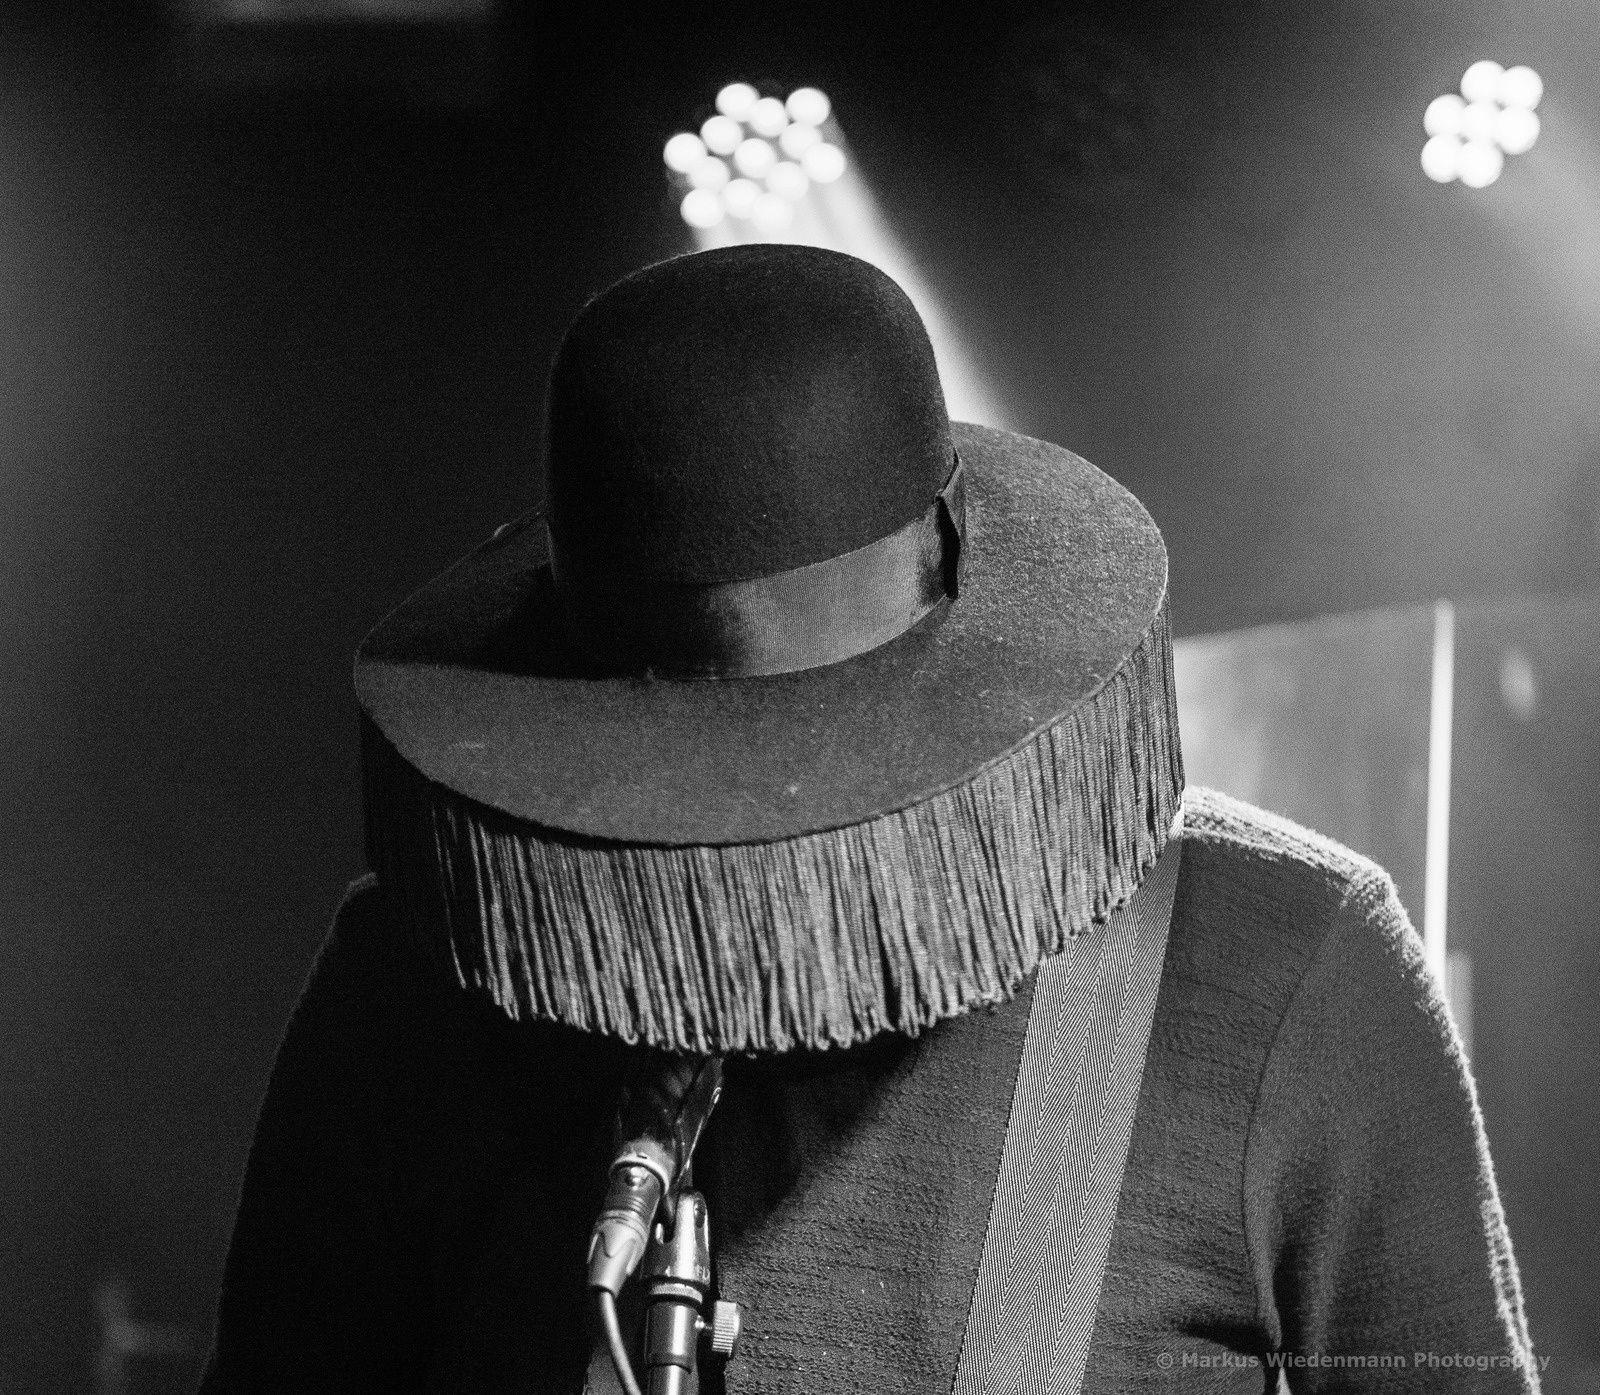 Live review AVATARIUM / THE SLAYERKING, De Flux, Zaandam, 24.09.2017